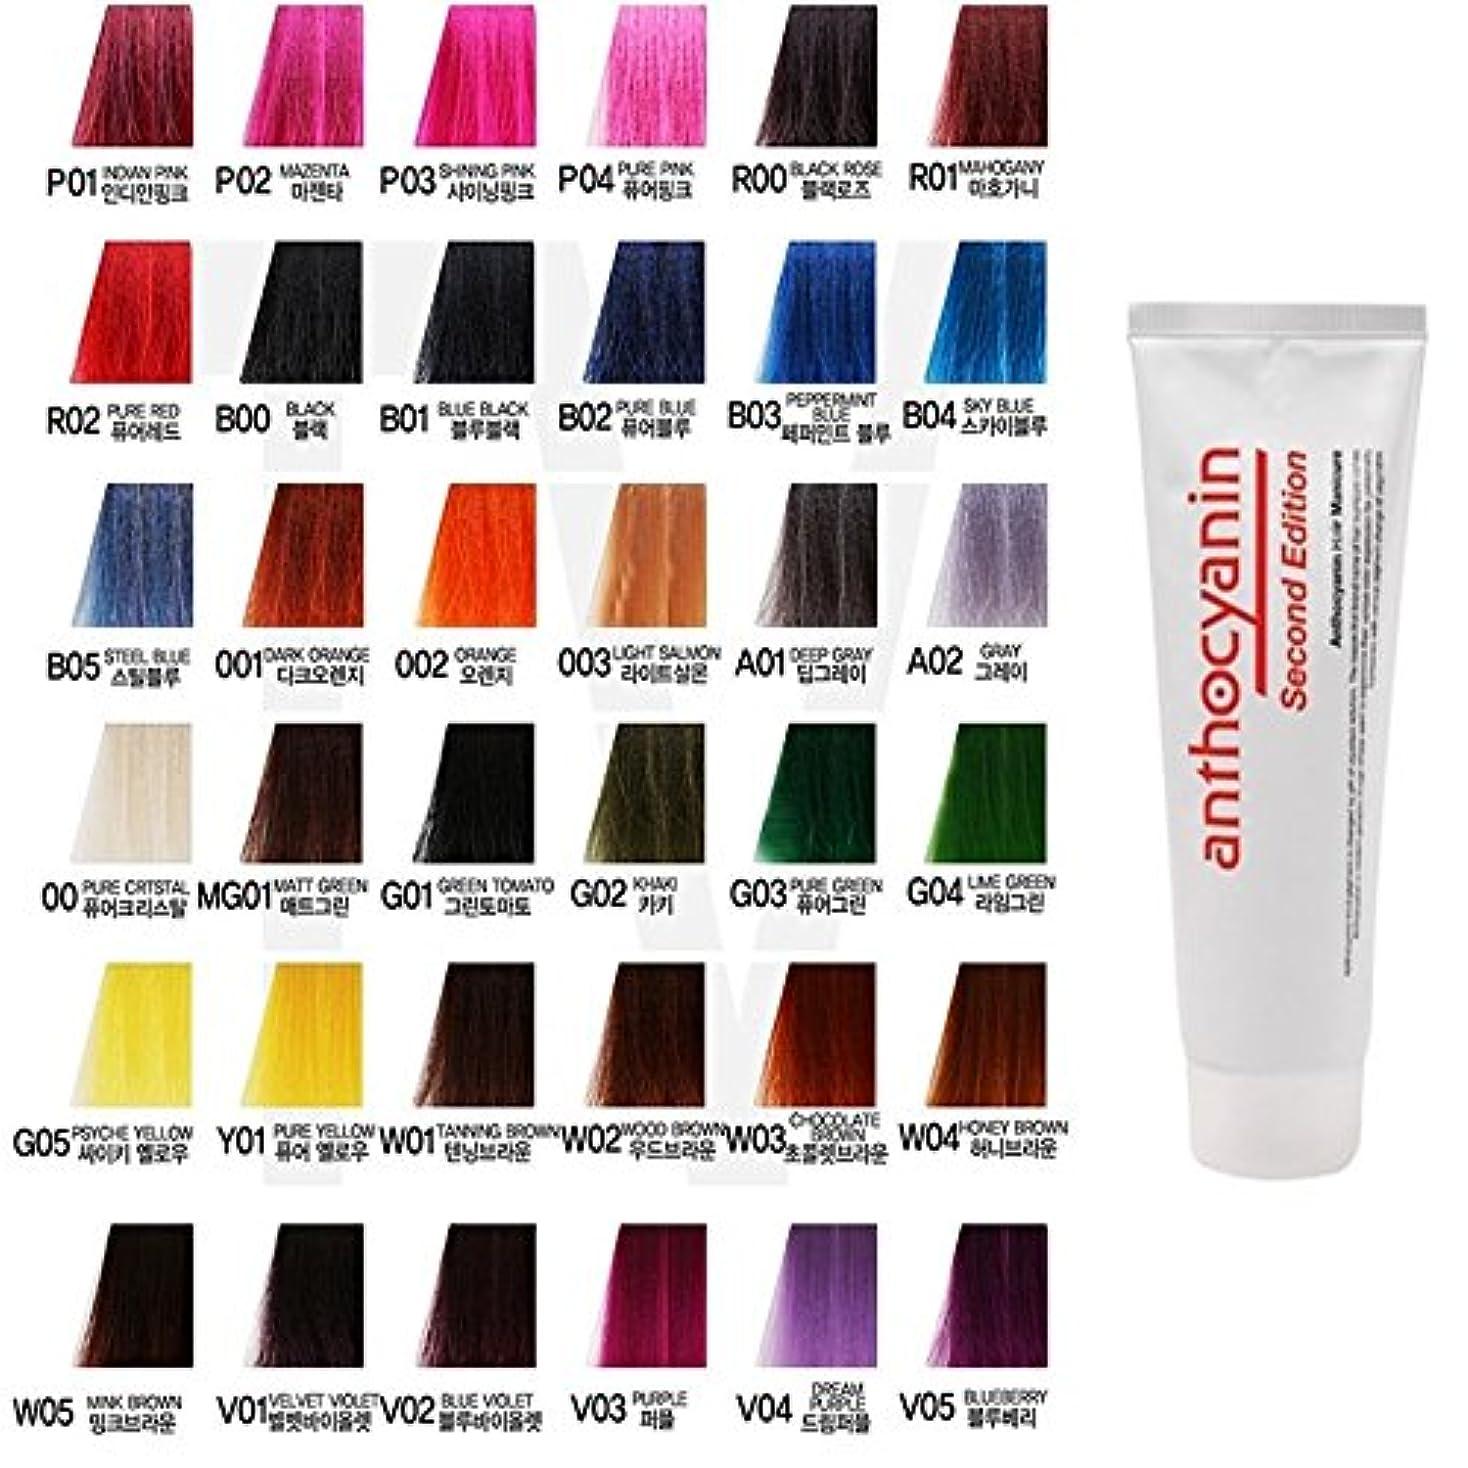 豊富シェードゴムヘア マニキュア カラー セカンド エディション 230g セミ パーマネント 染毛剤 ( Hair Manicure Color Second Edition 230g Semi Permanent Hair Dye) [並行輸入品] (A01 Deep Gray)